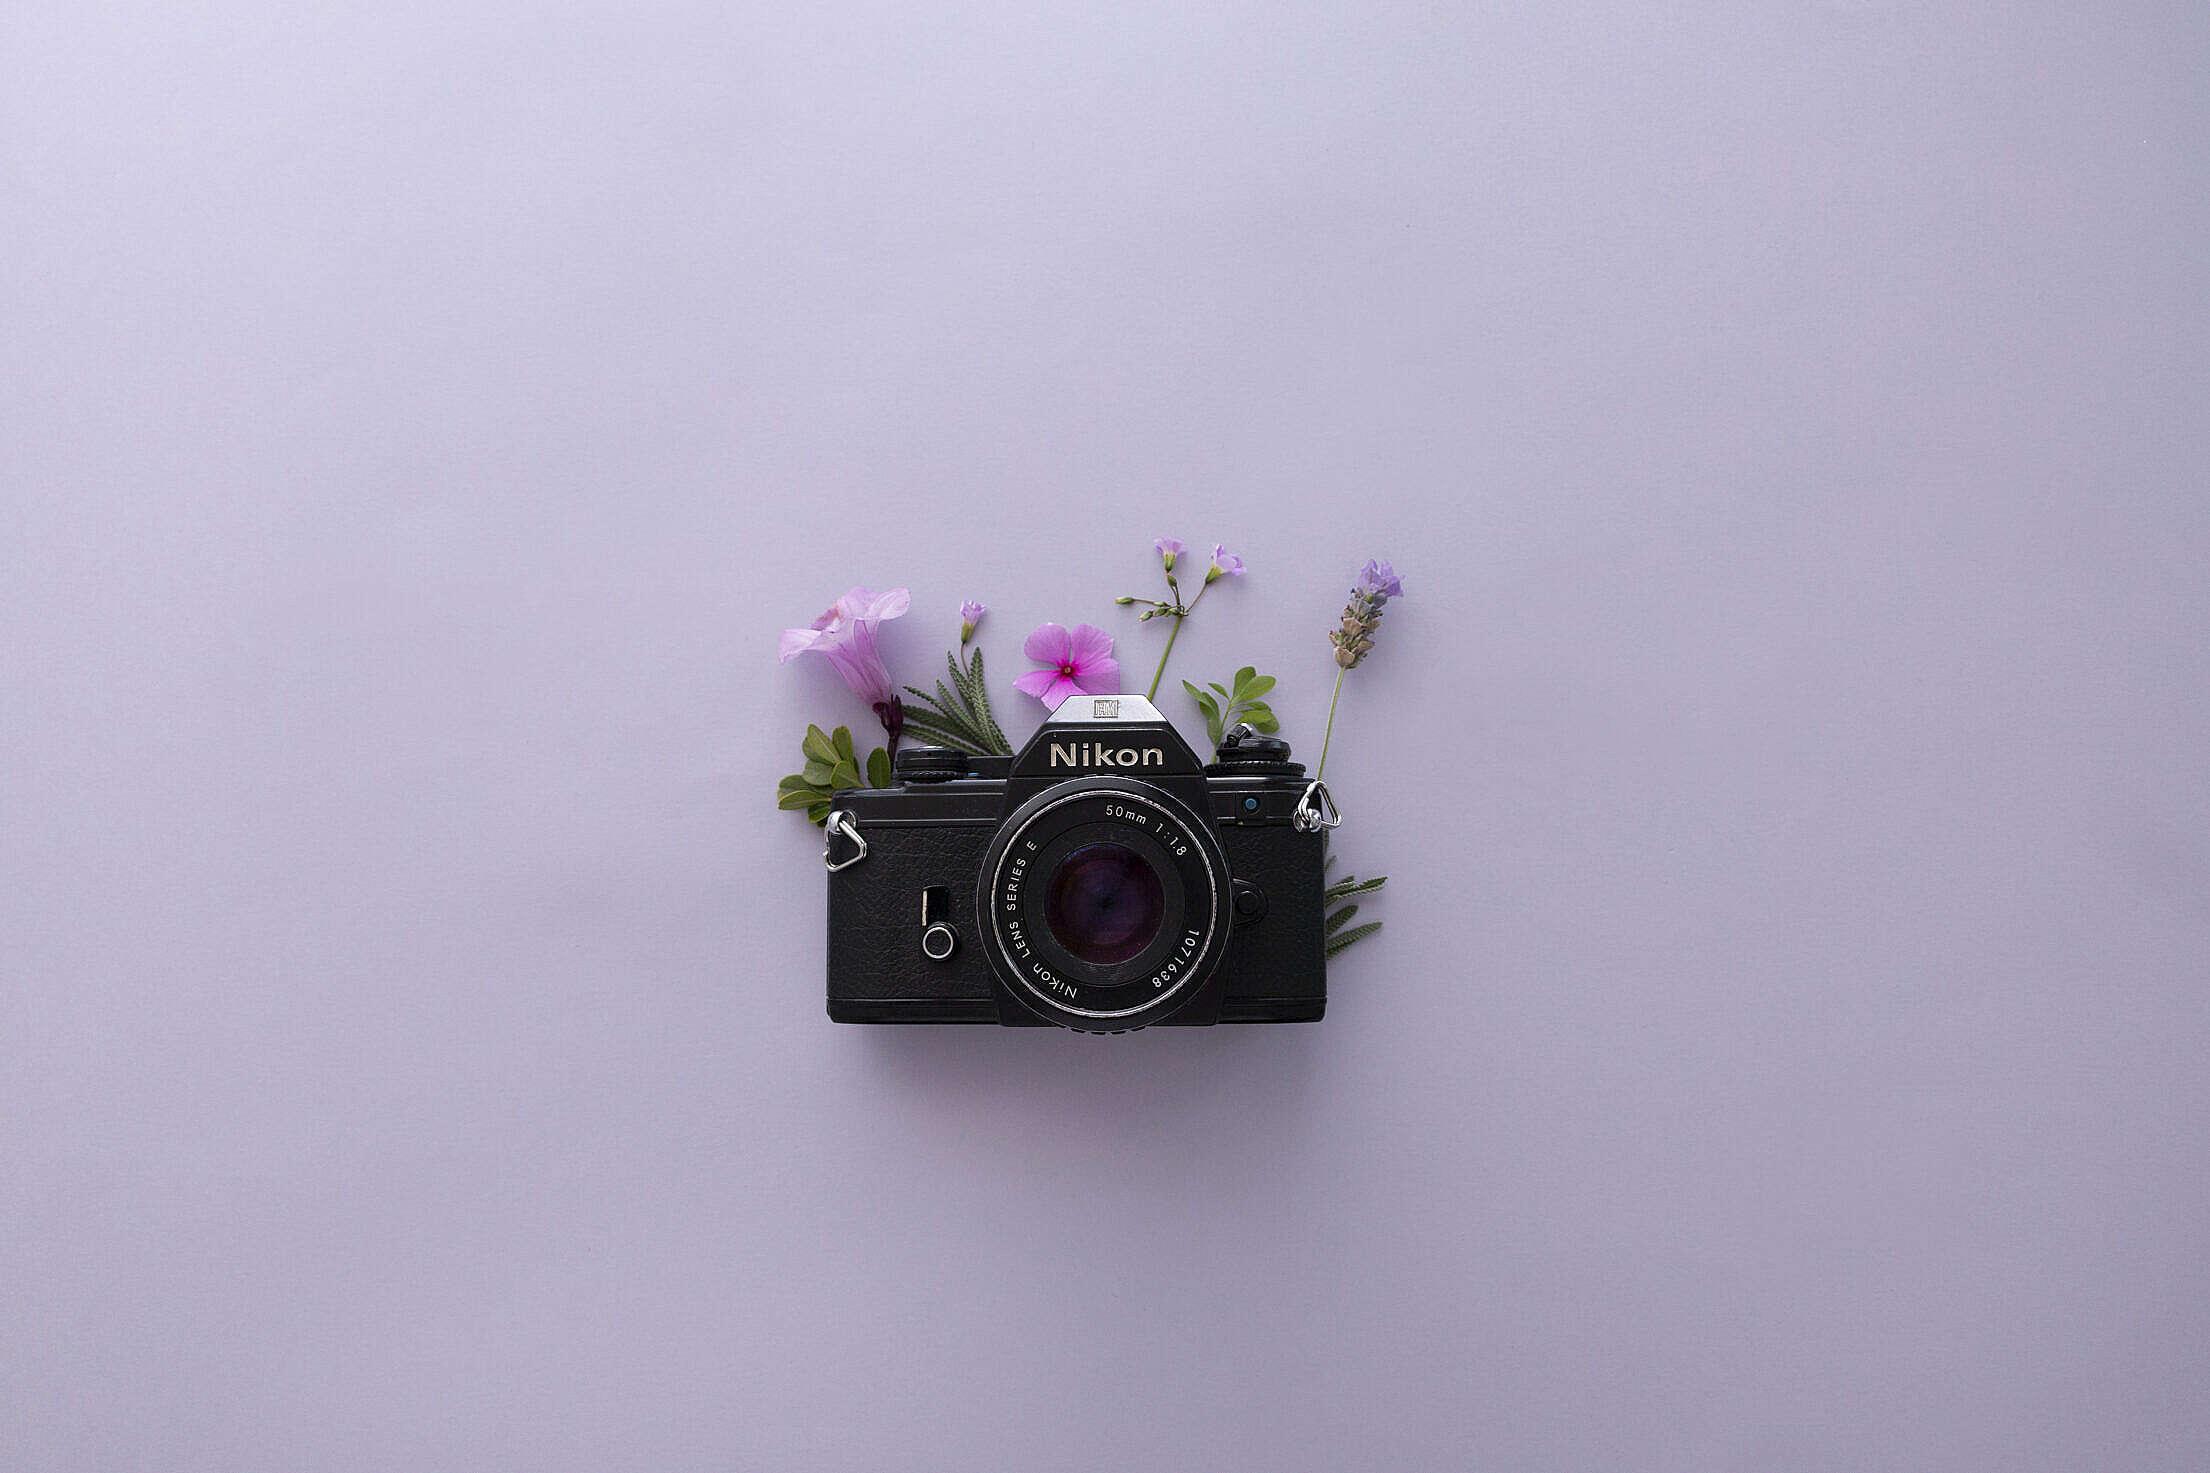 Vintage Nikon Camera Free Stock Photo